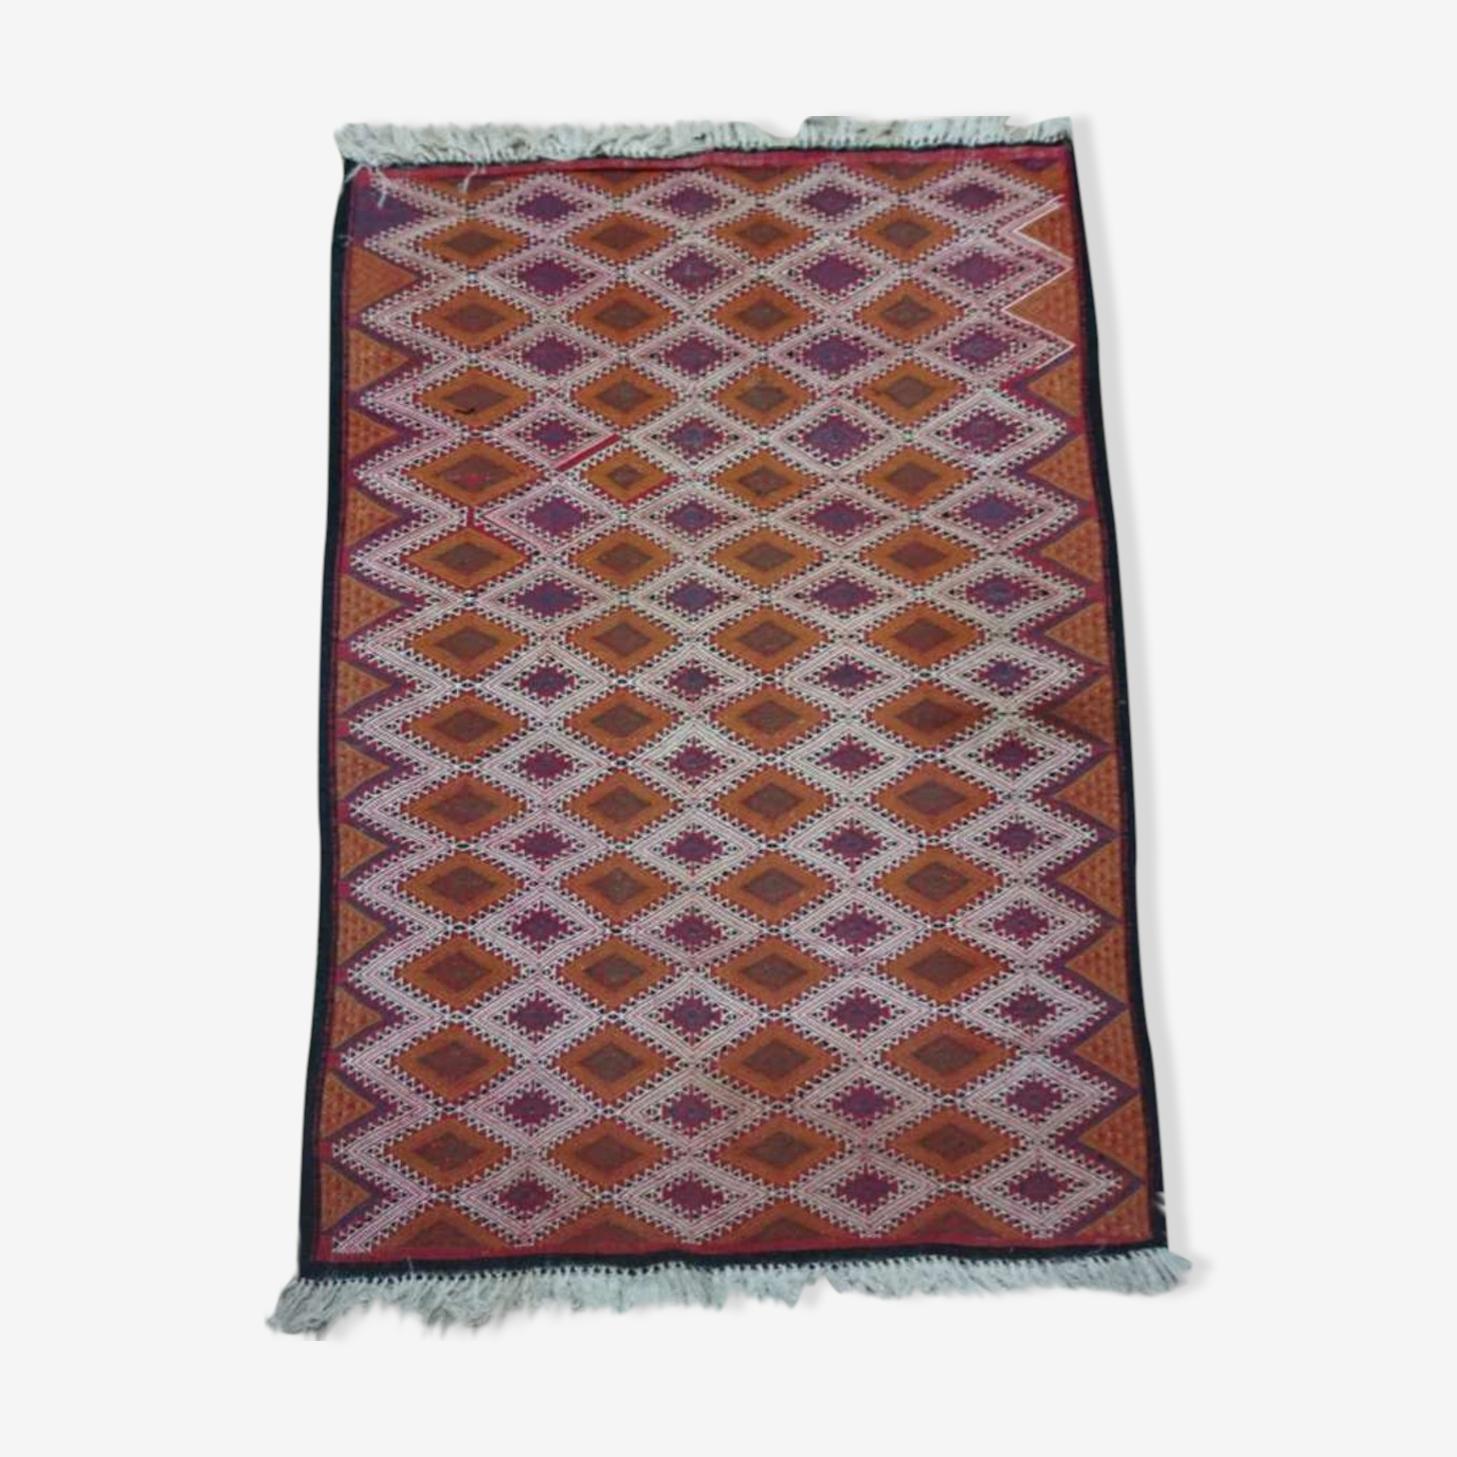 Tapis kilim multicolore fait à la main en laine 112x155cm